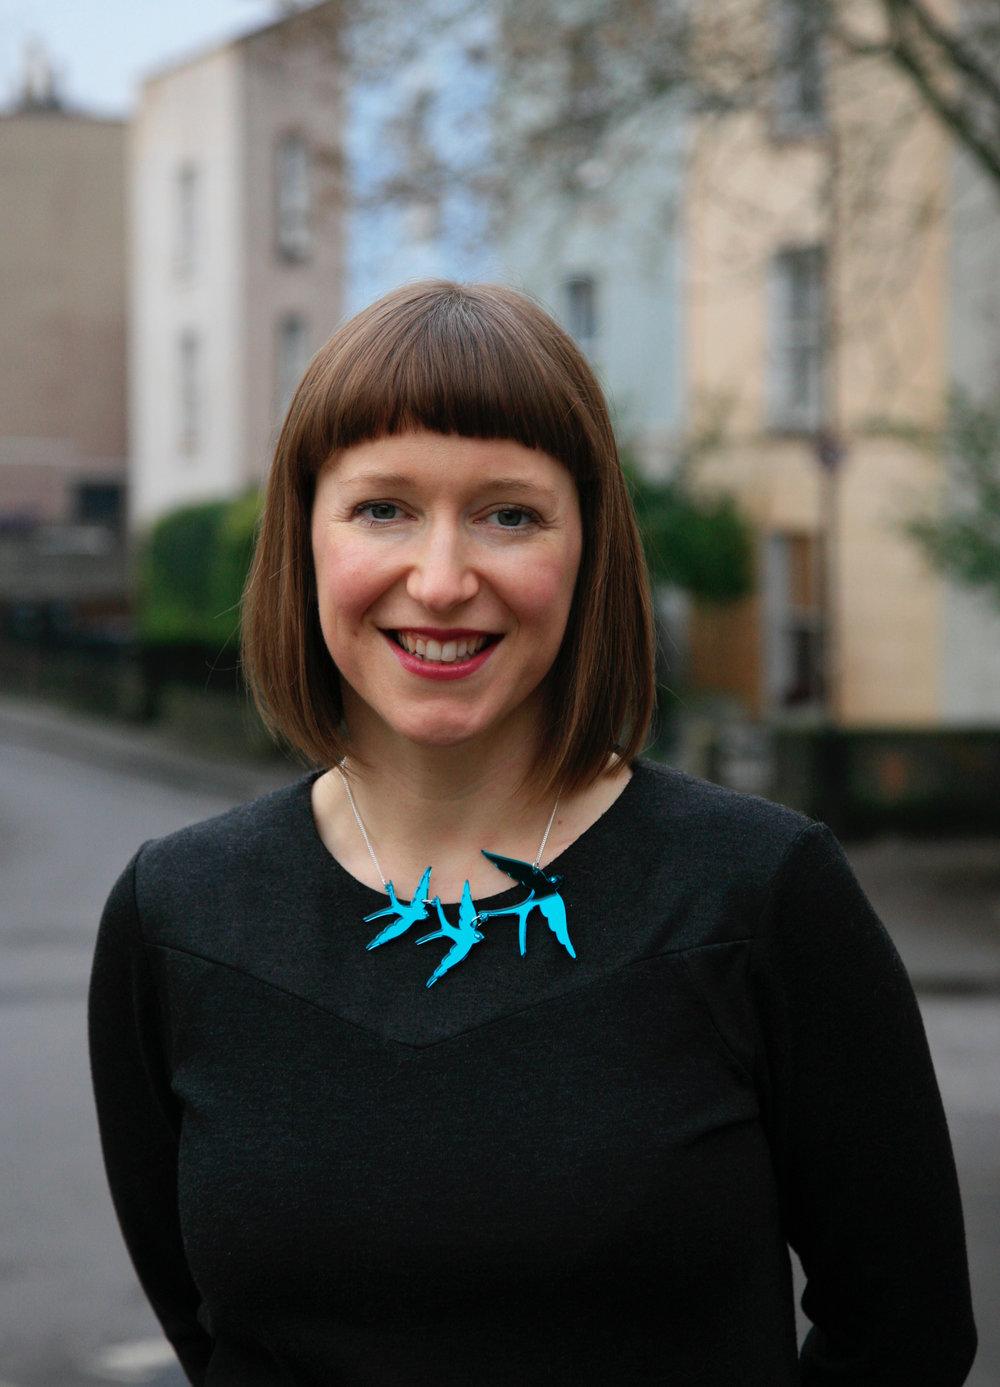 Cassandra Everett